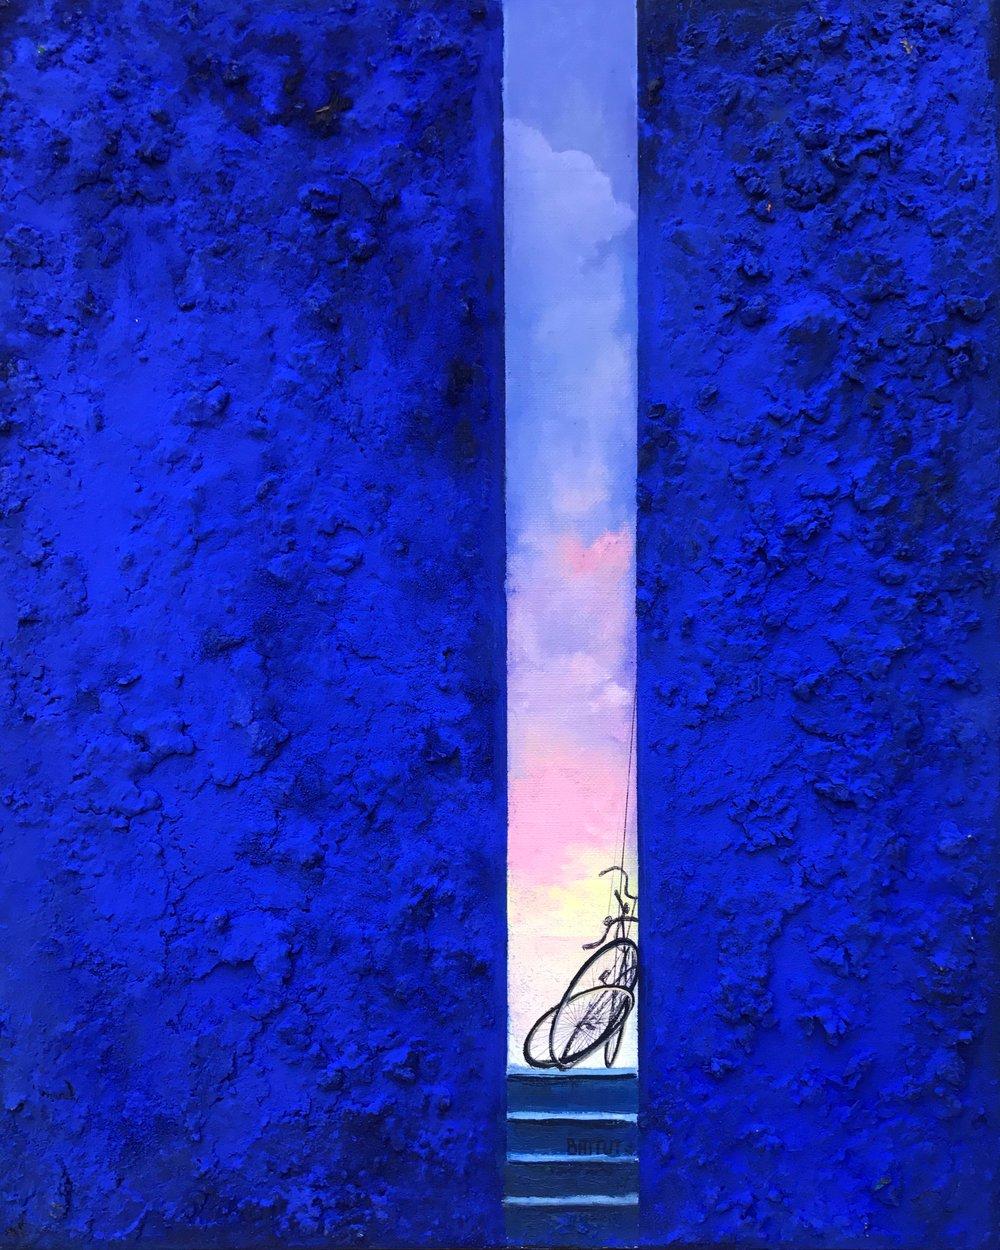 Battut #213-La Petite Ruelle- 16 x 20 unframed.jpg